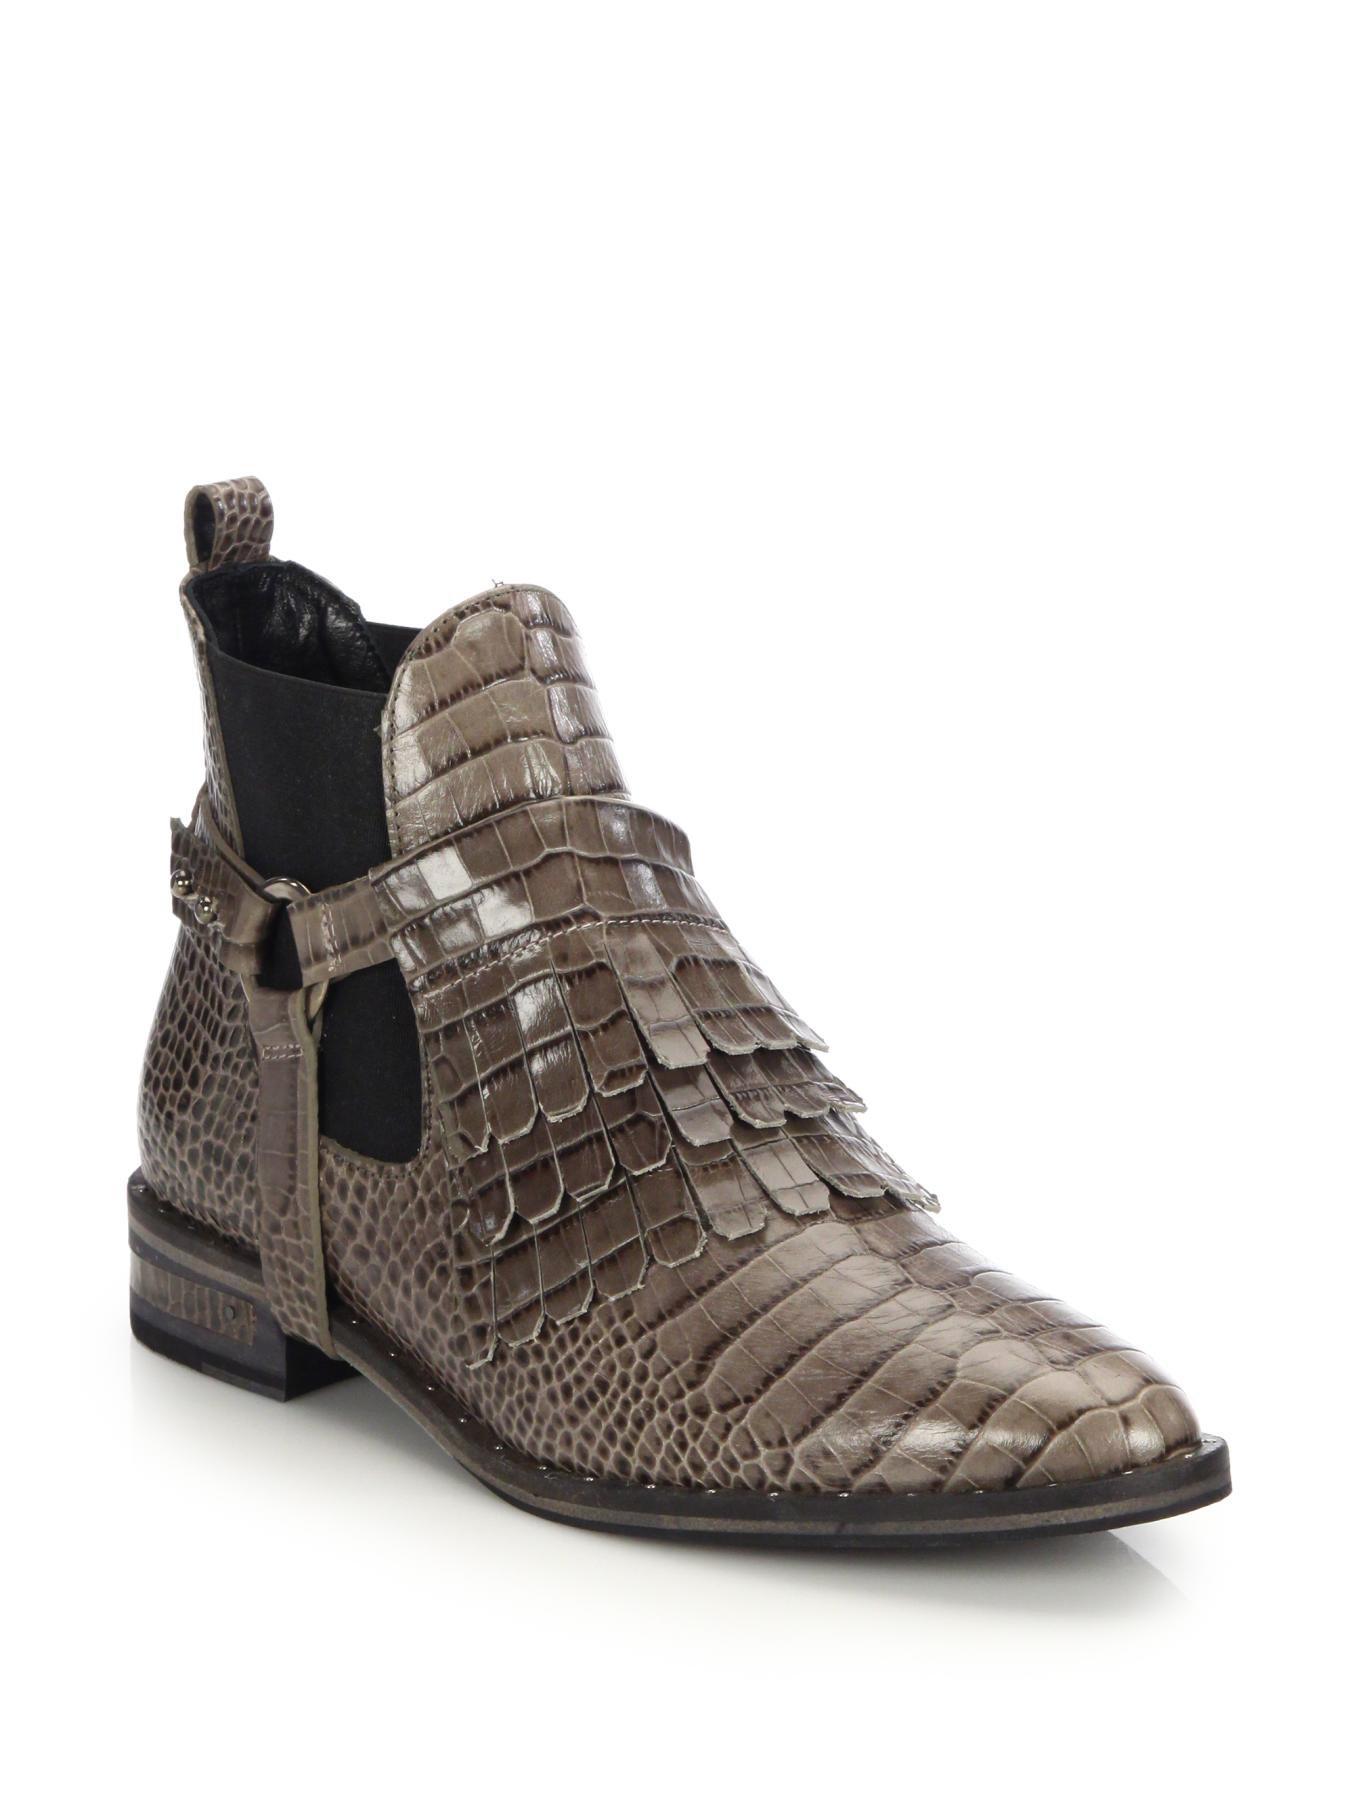 Phillip Lim Shoes Boots